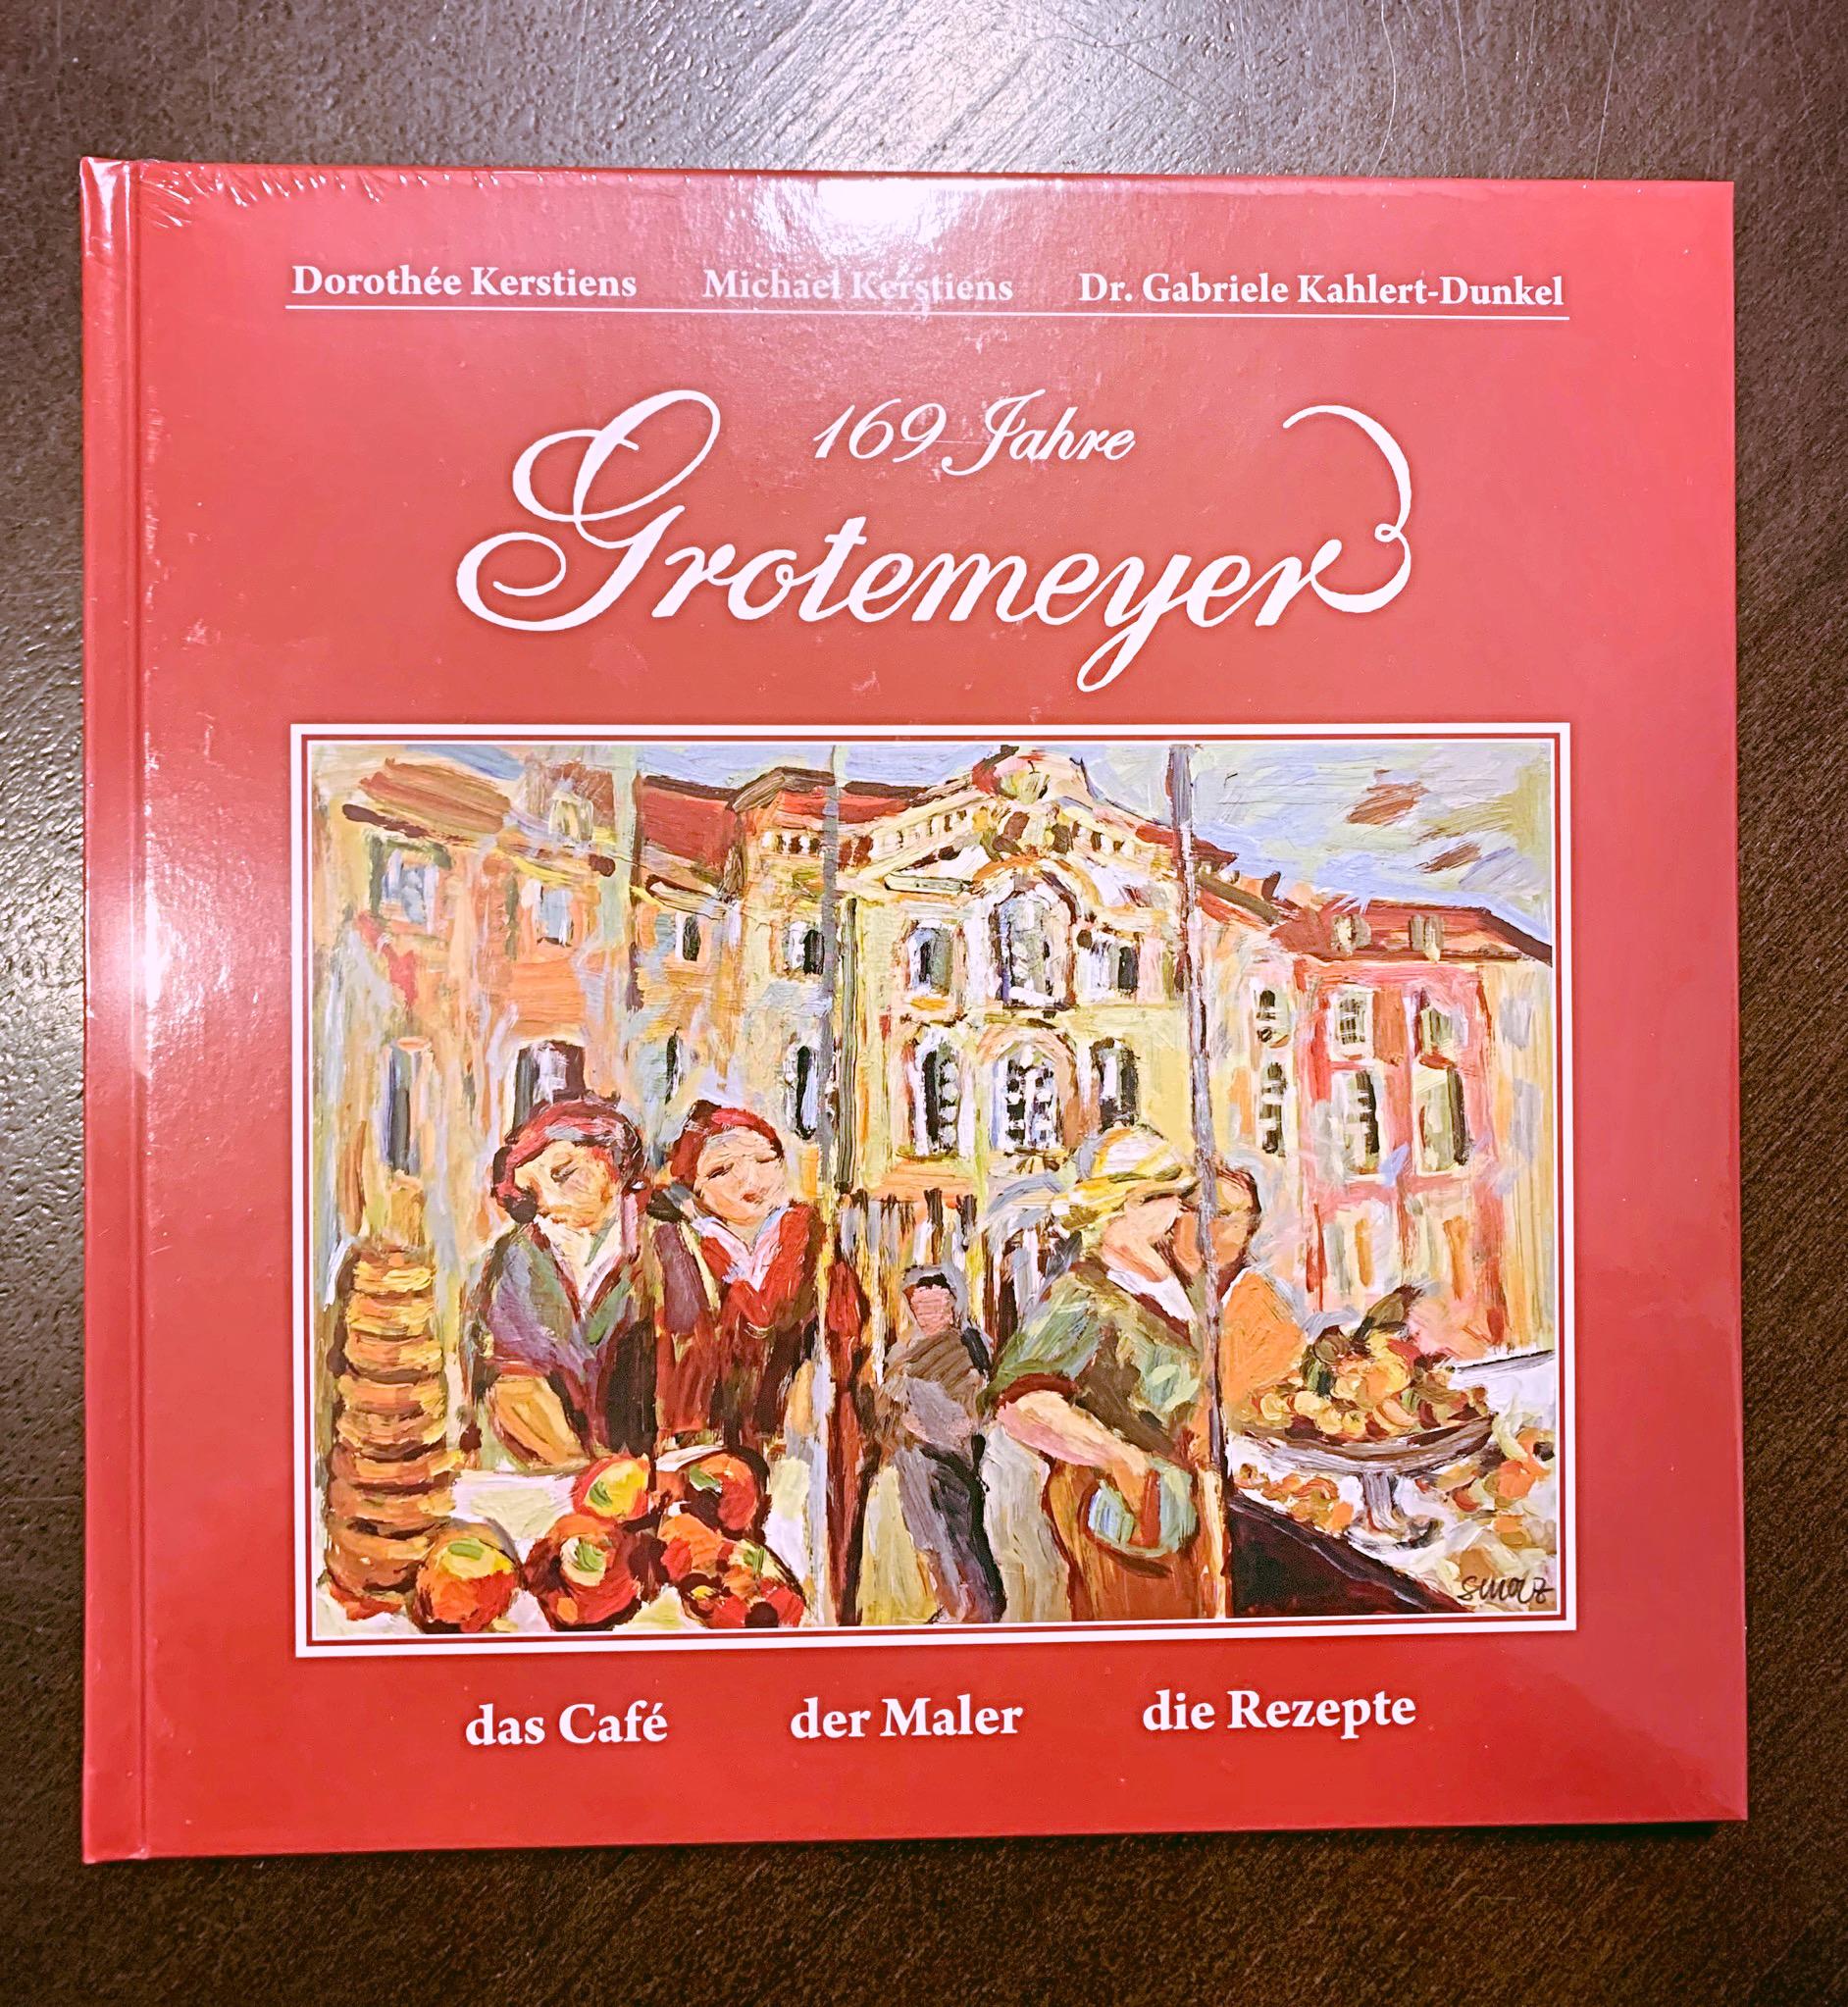 Grotemeyer - 169 Jahre Kaffeehauskultur in Münster